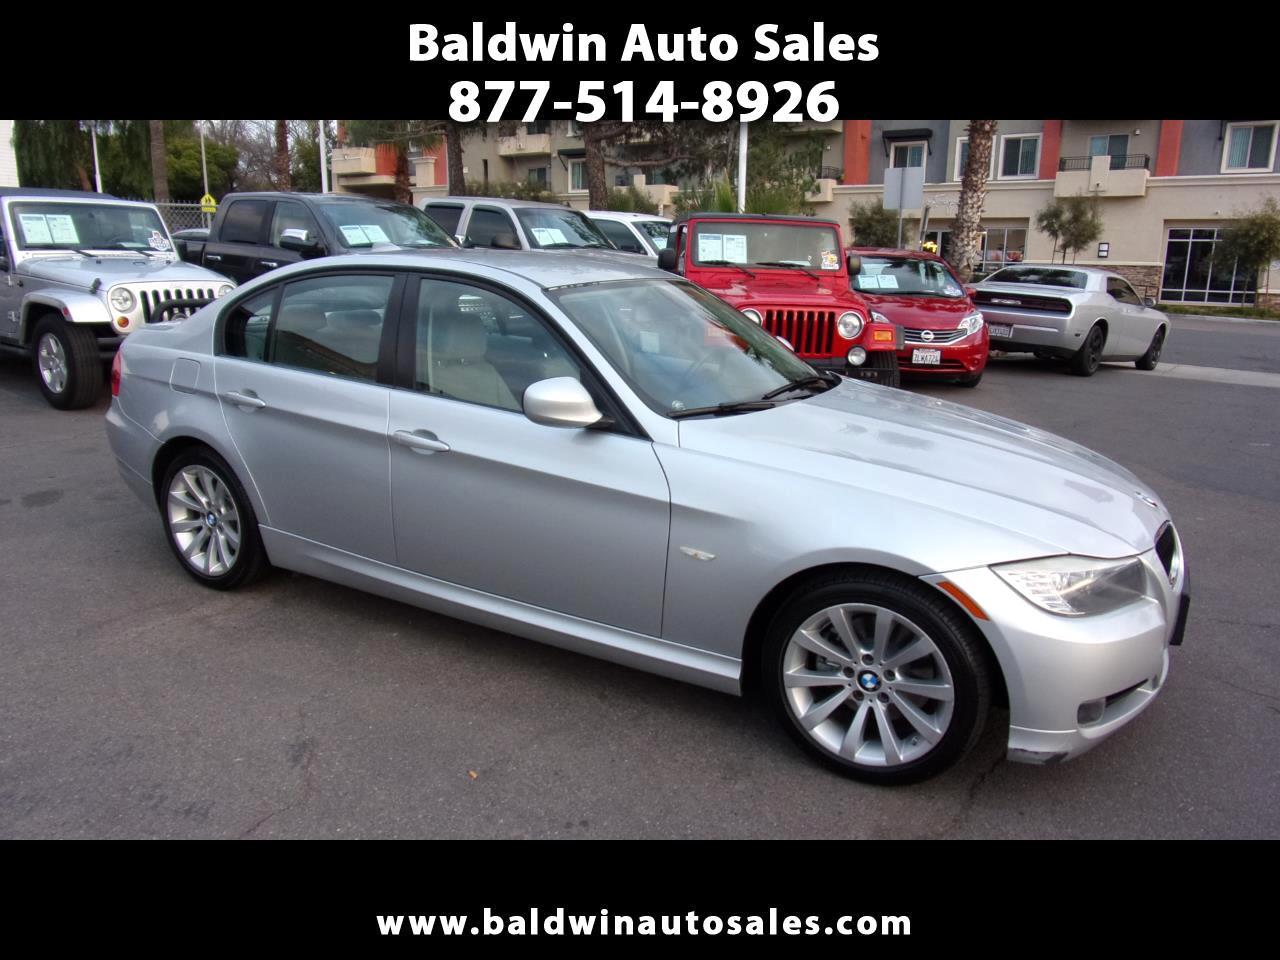 BMW 3 Series 4dr Sdn 328i RWD SULEV South Africa 2011